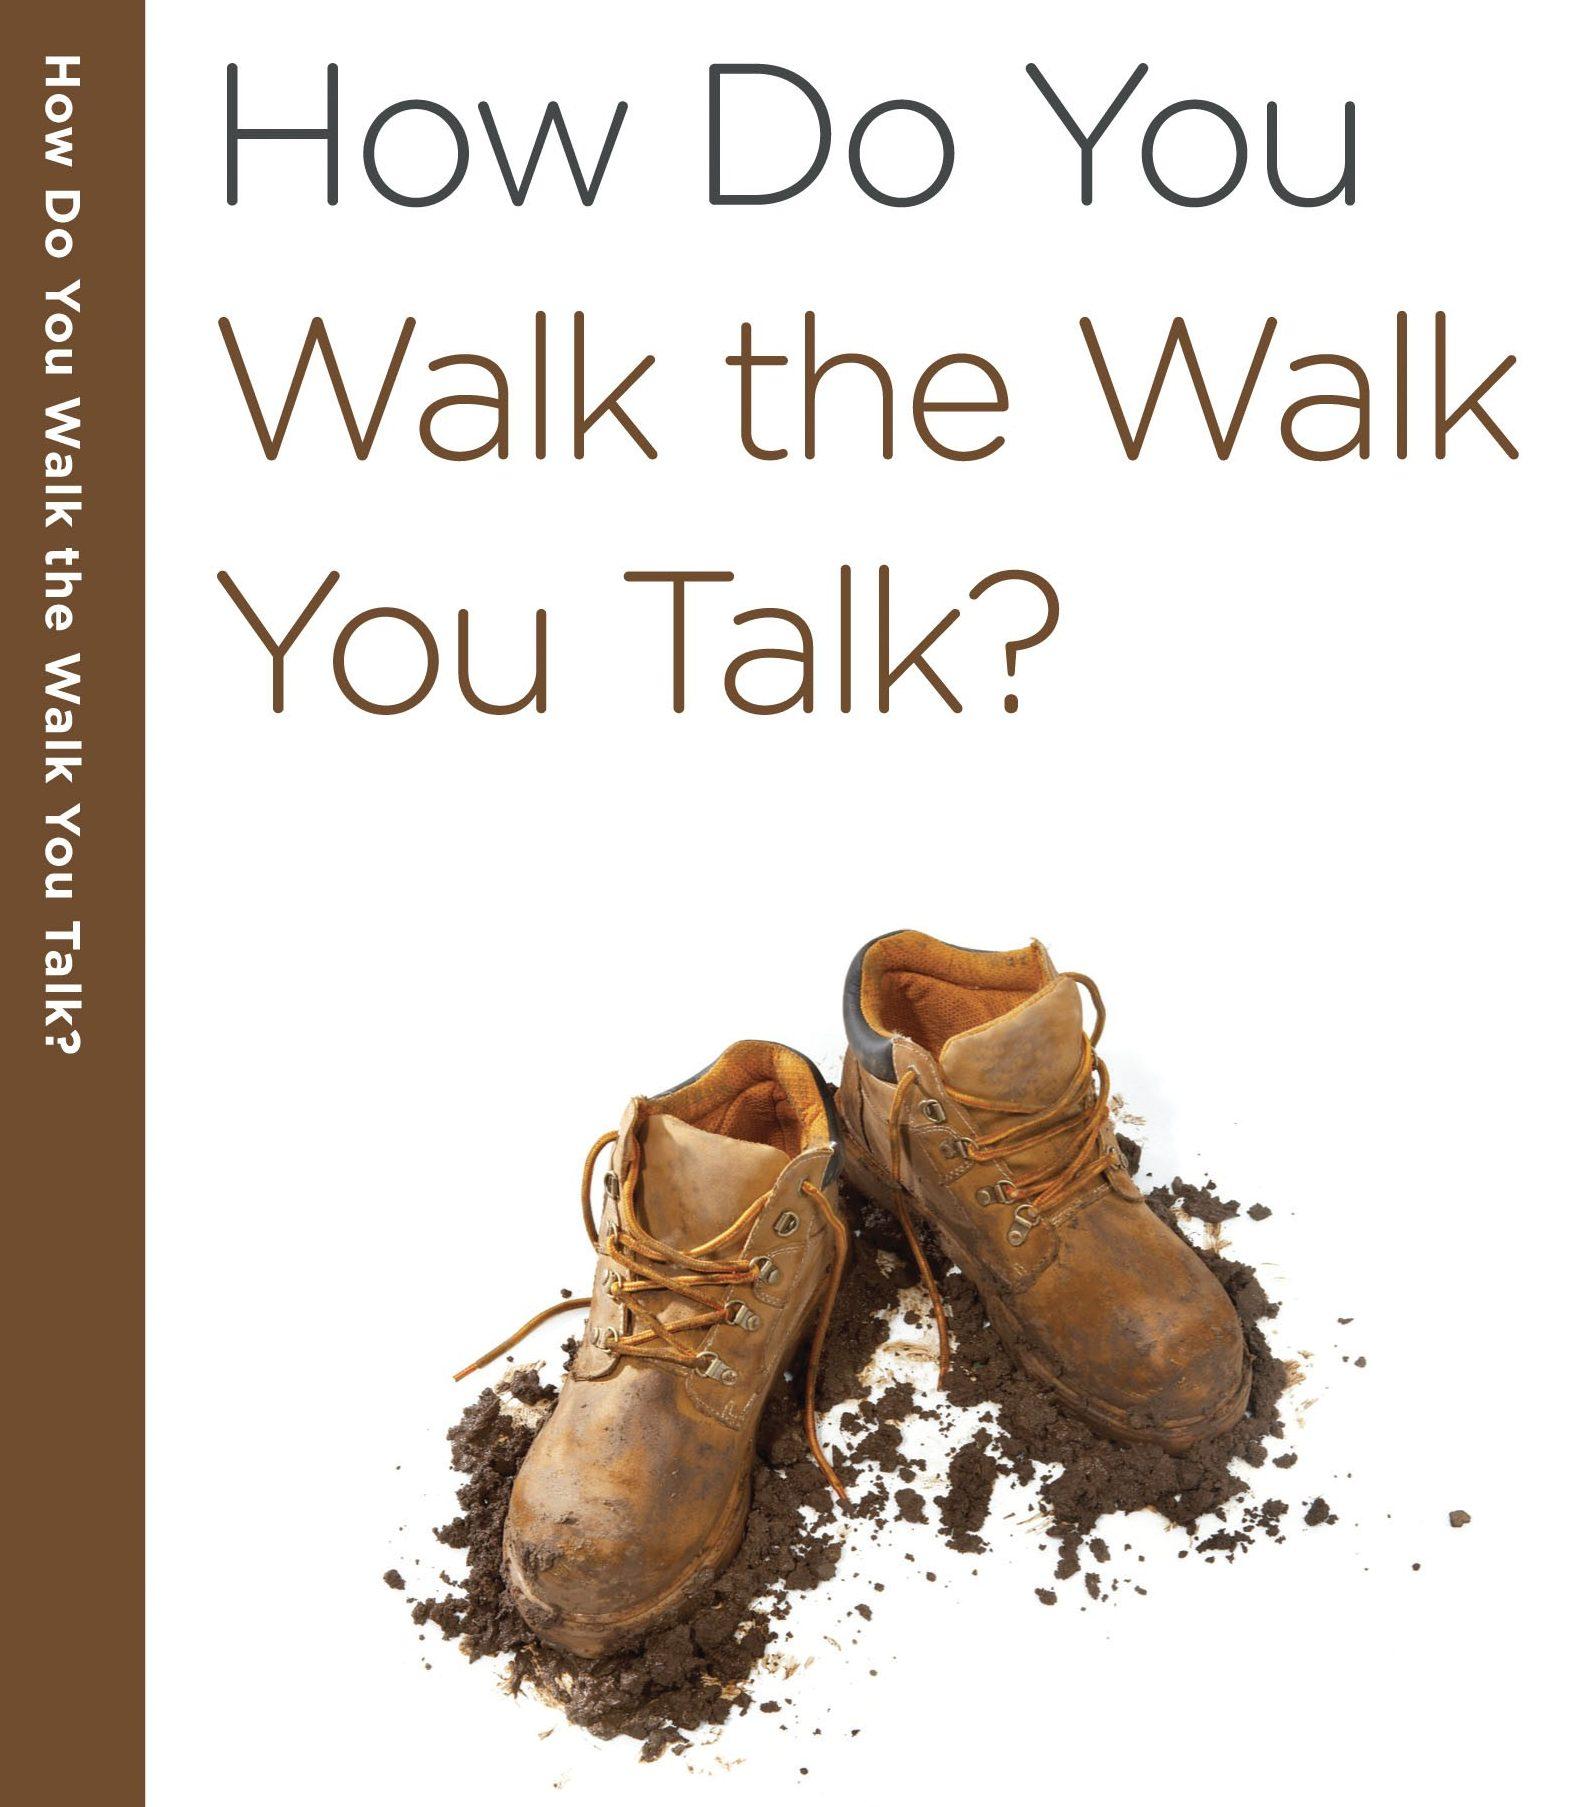 you talk the talk but do you walk the walk